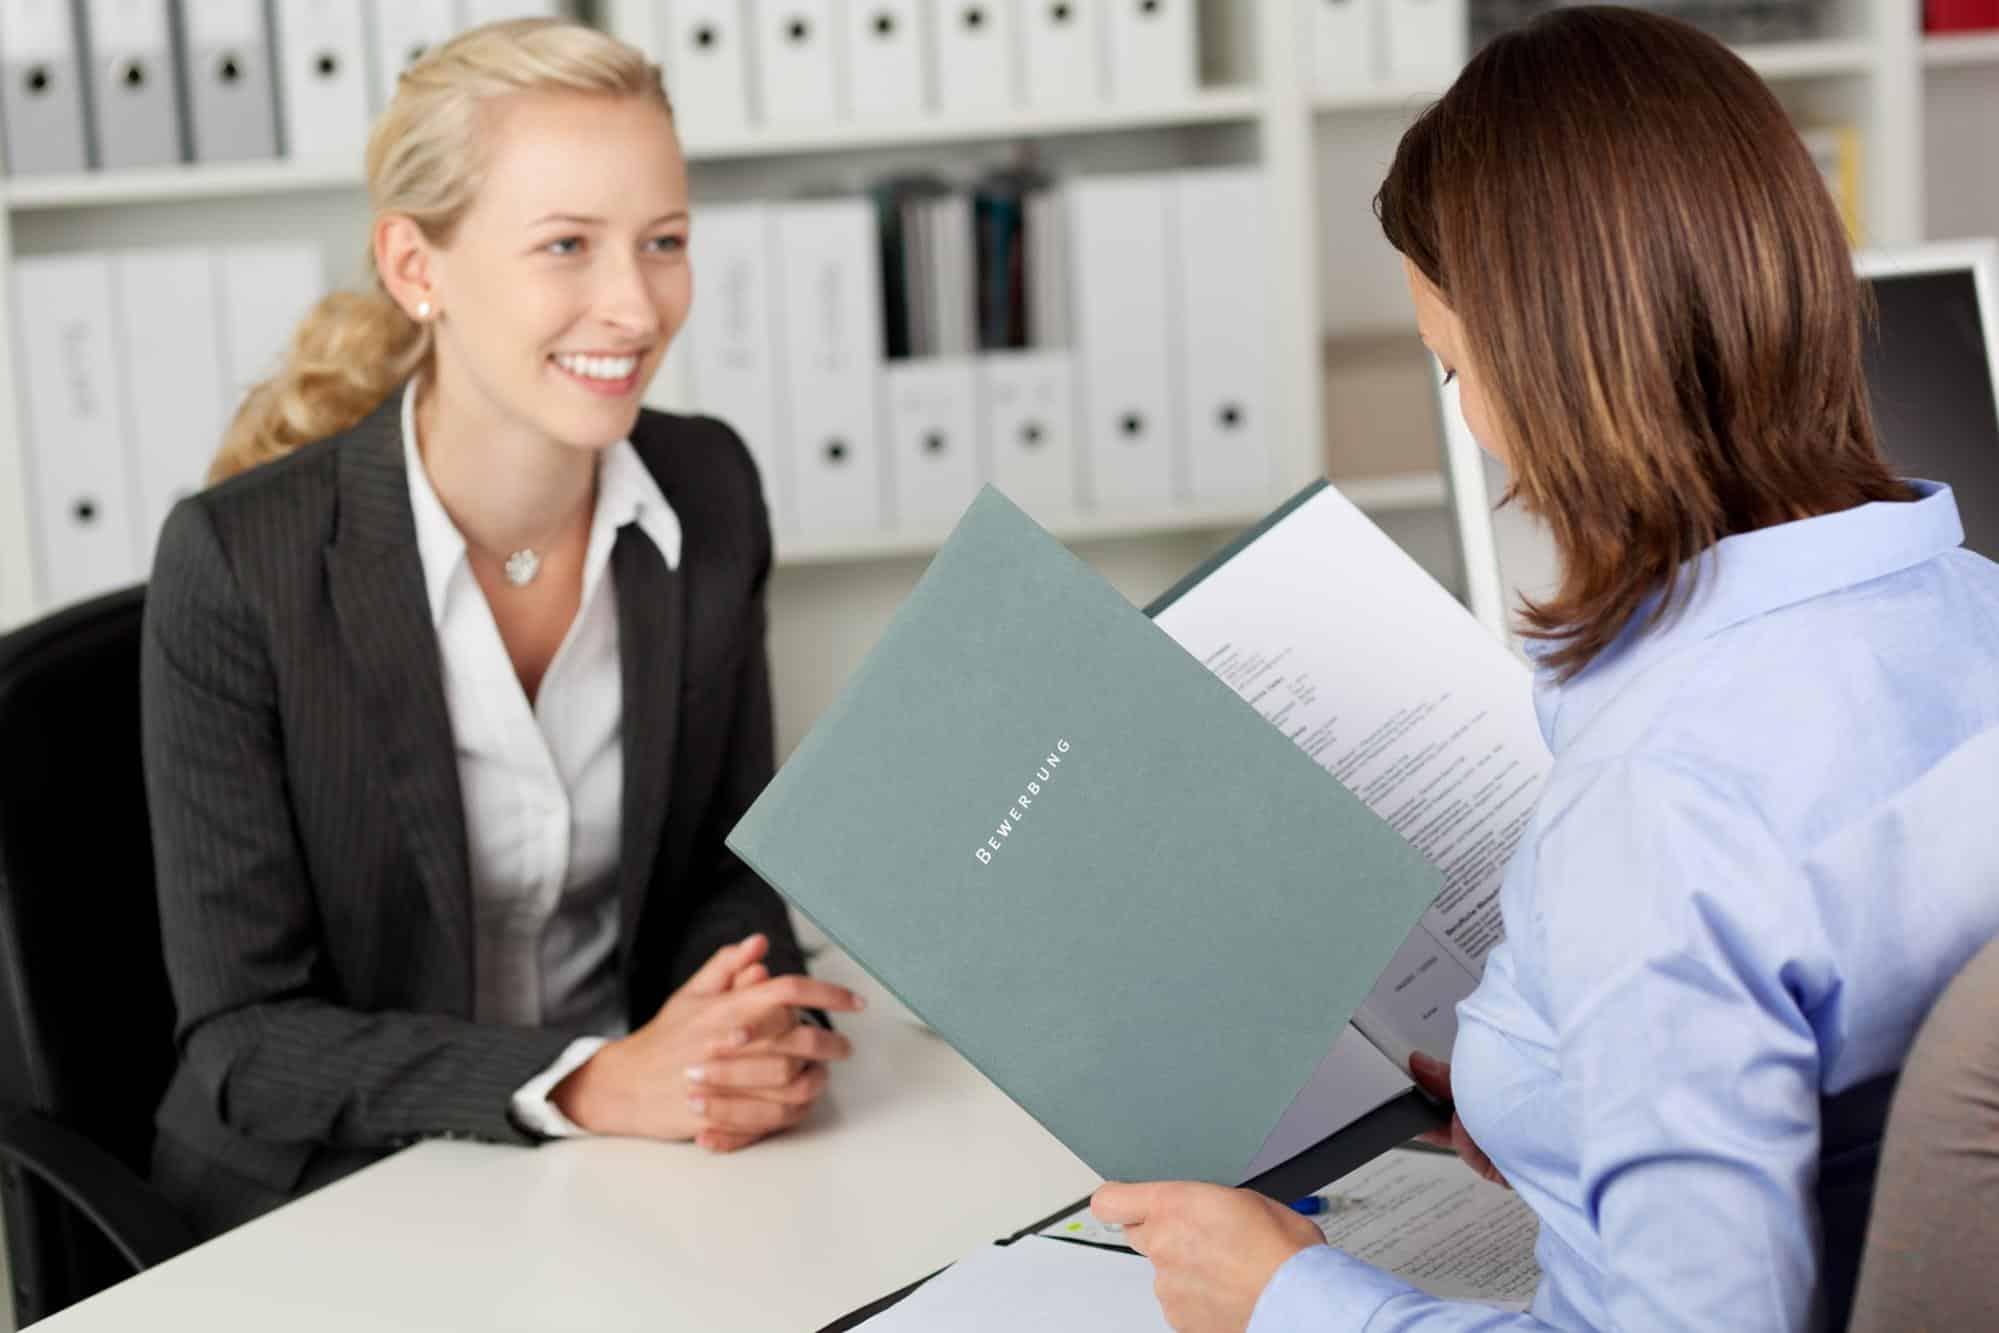 Candidature et recherche d'emploi en Allemagne